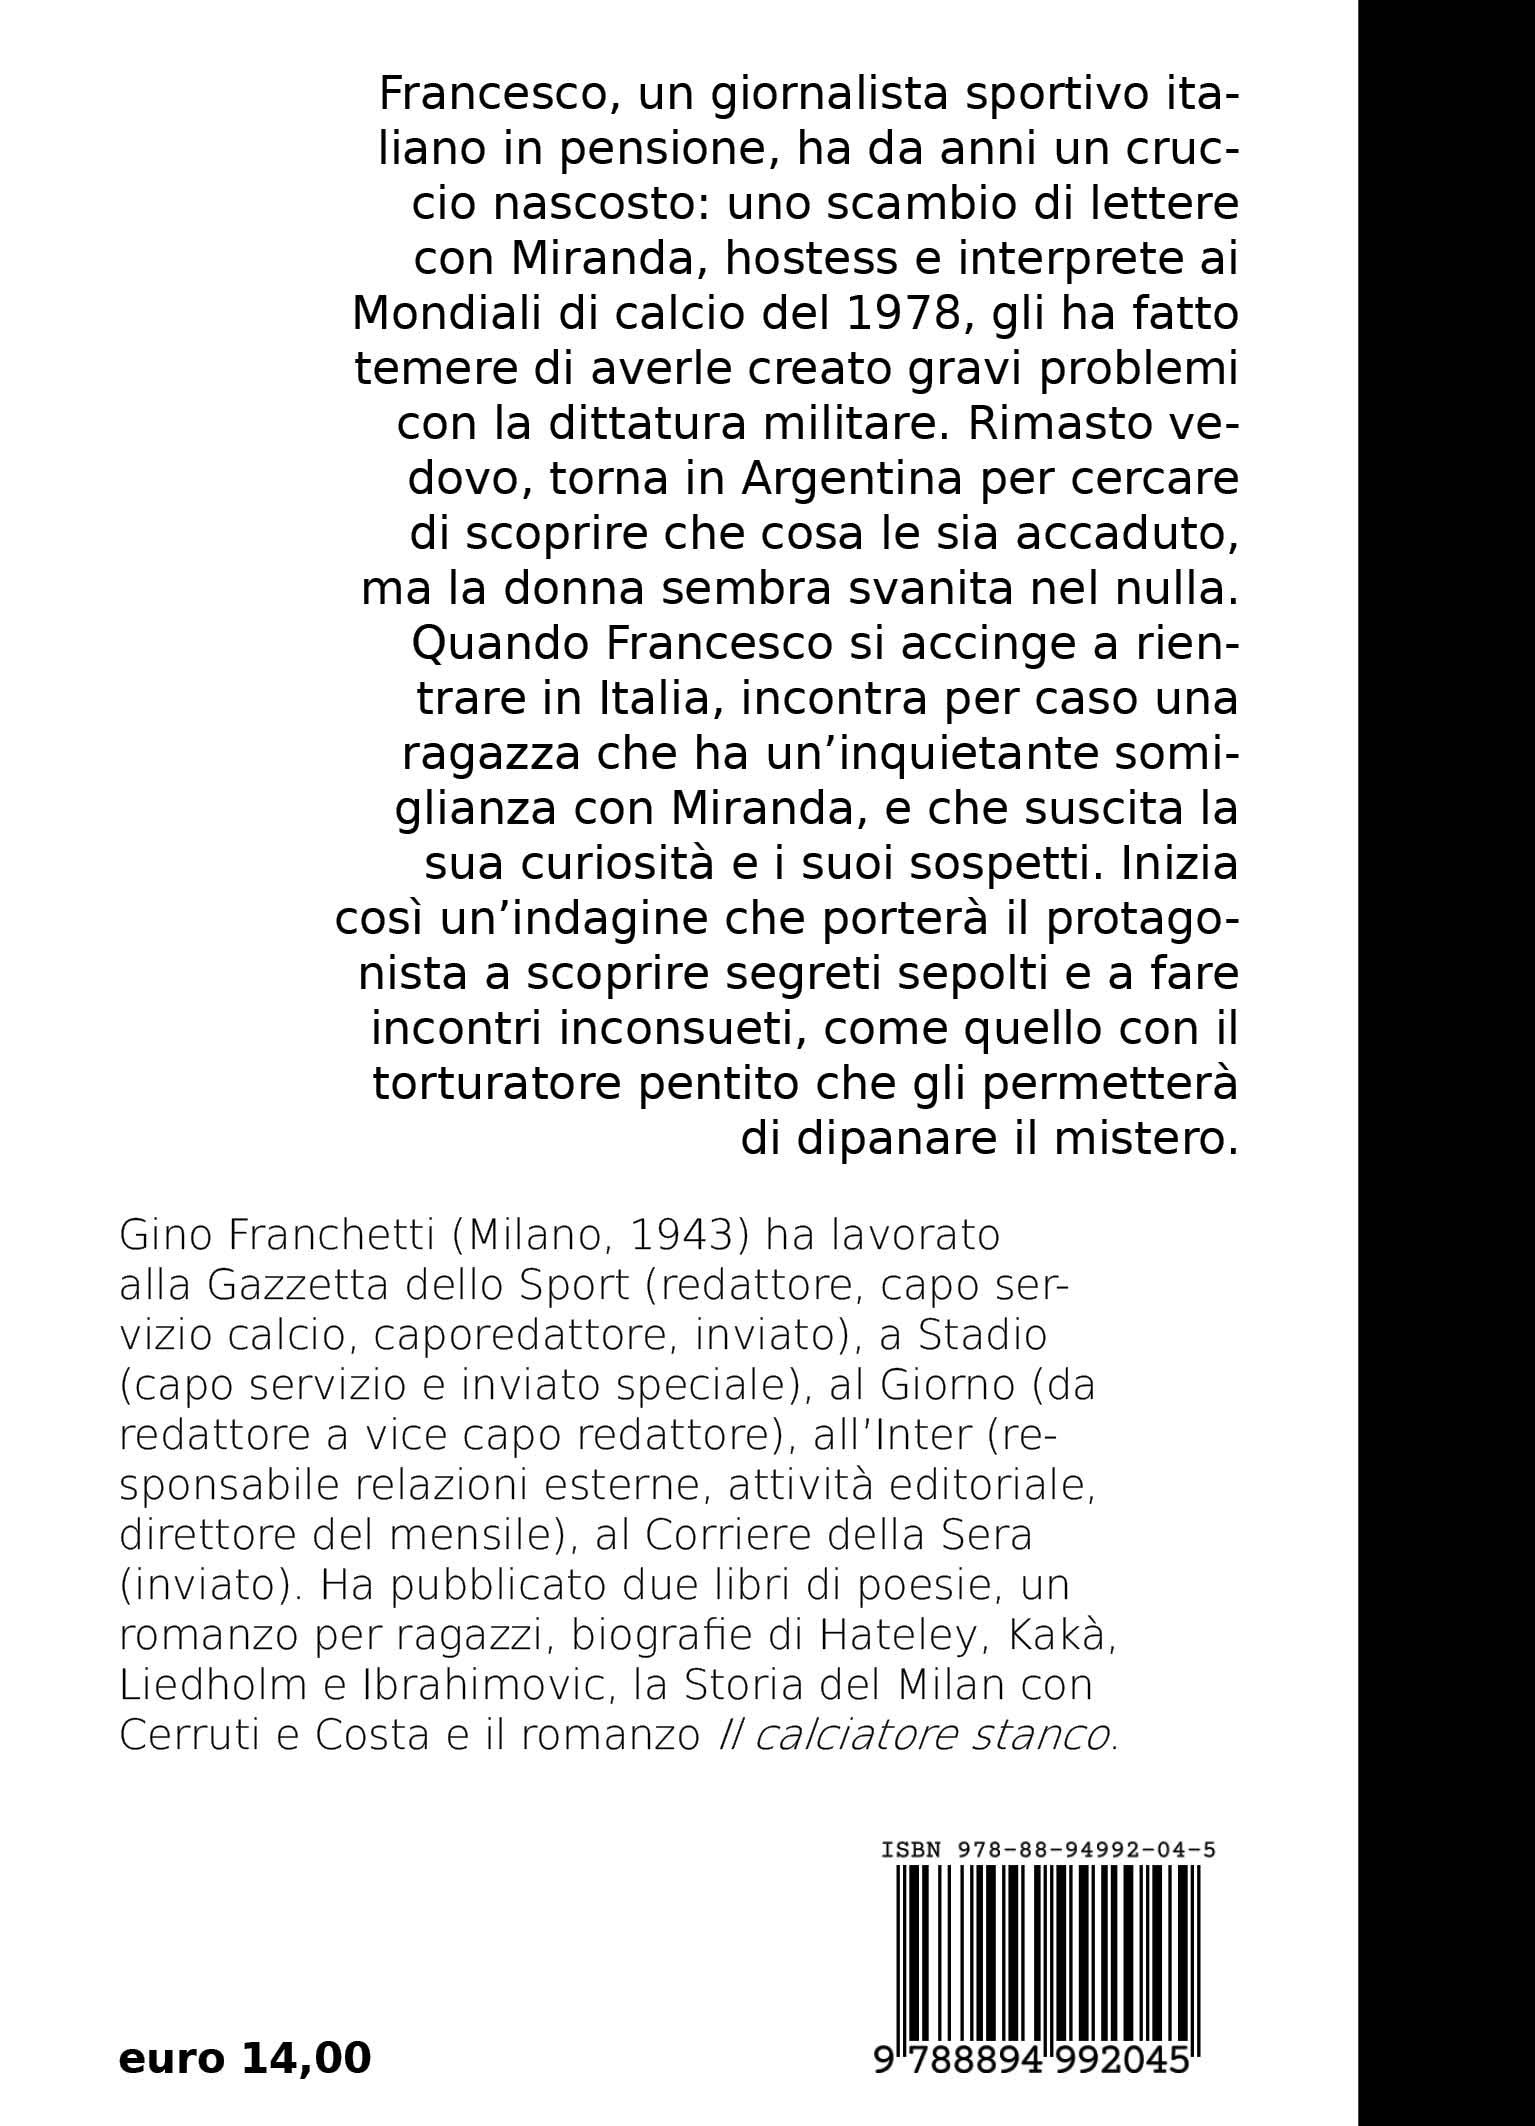 La ragazza che parlava italiano-image-2%>